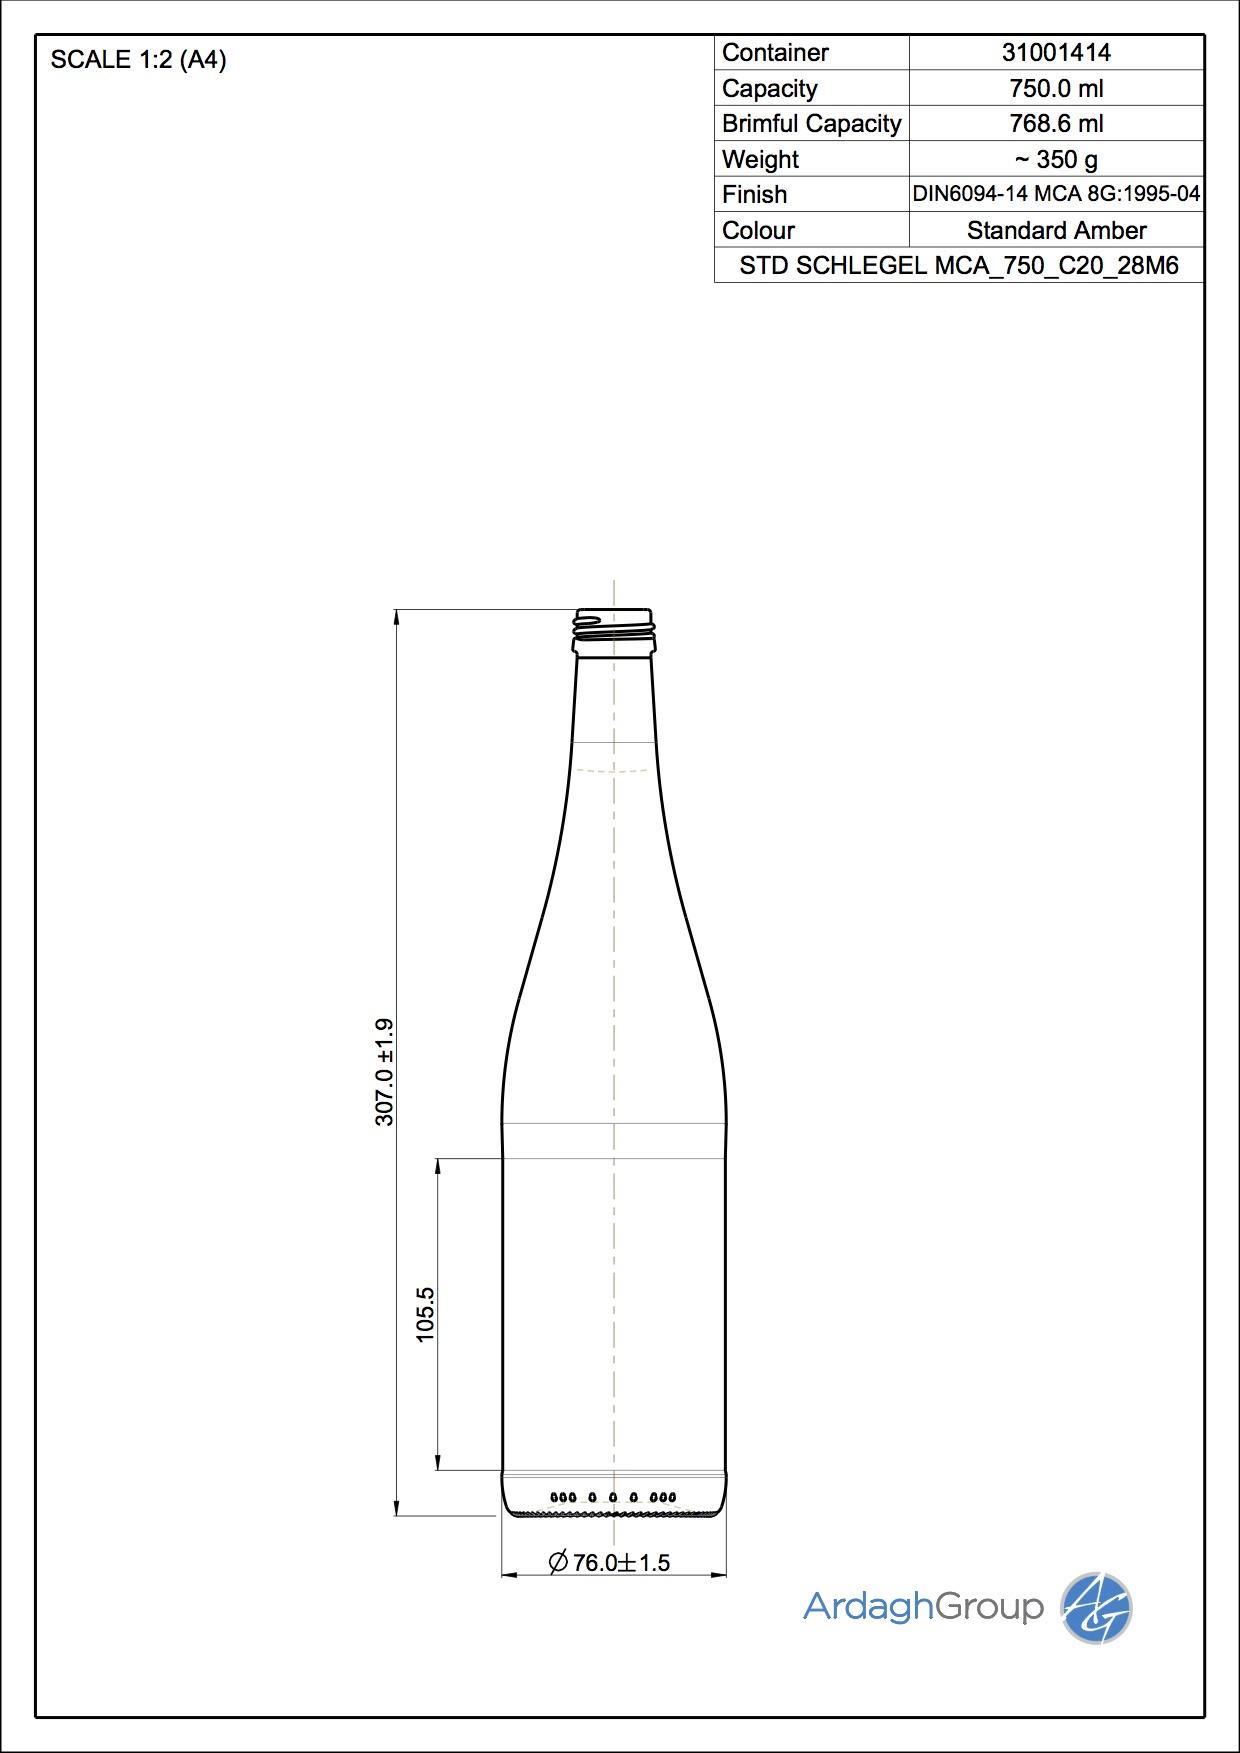 SCHLEGEL MCA 750 C20 28M6